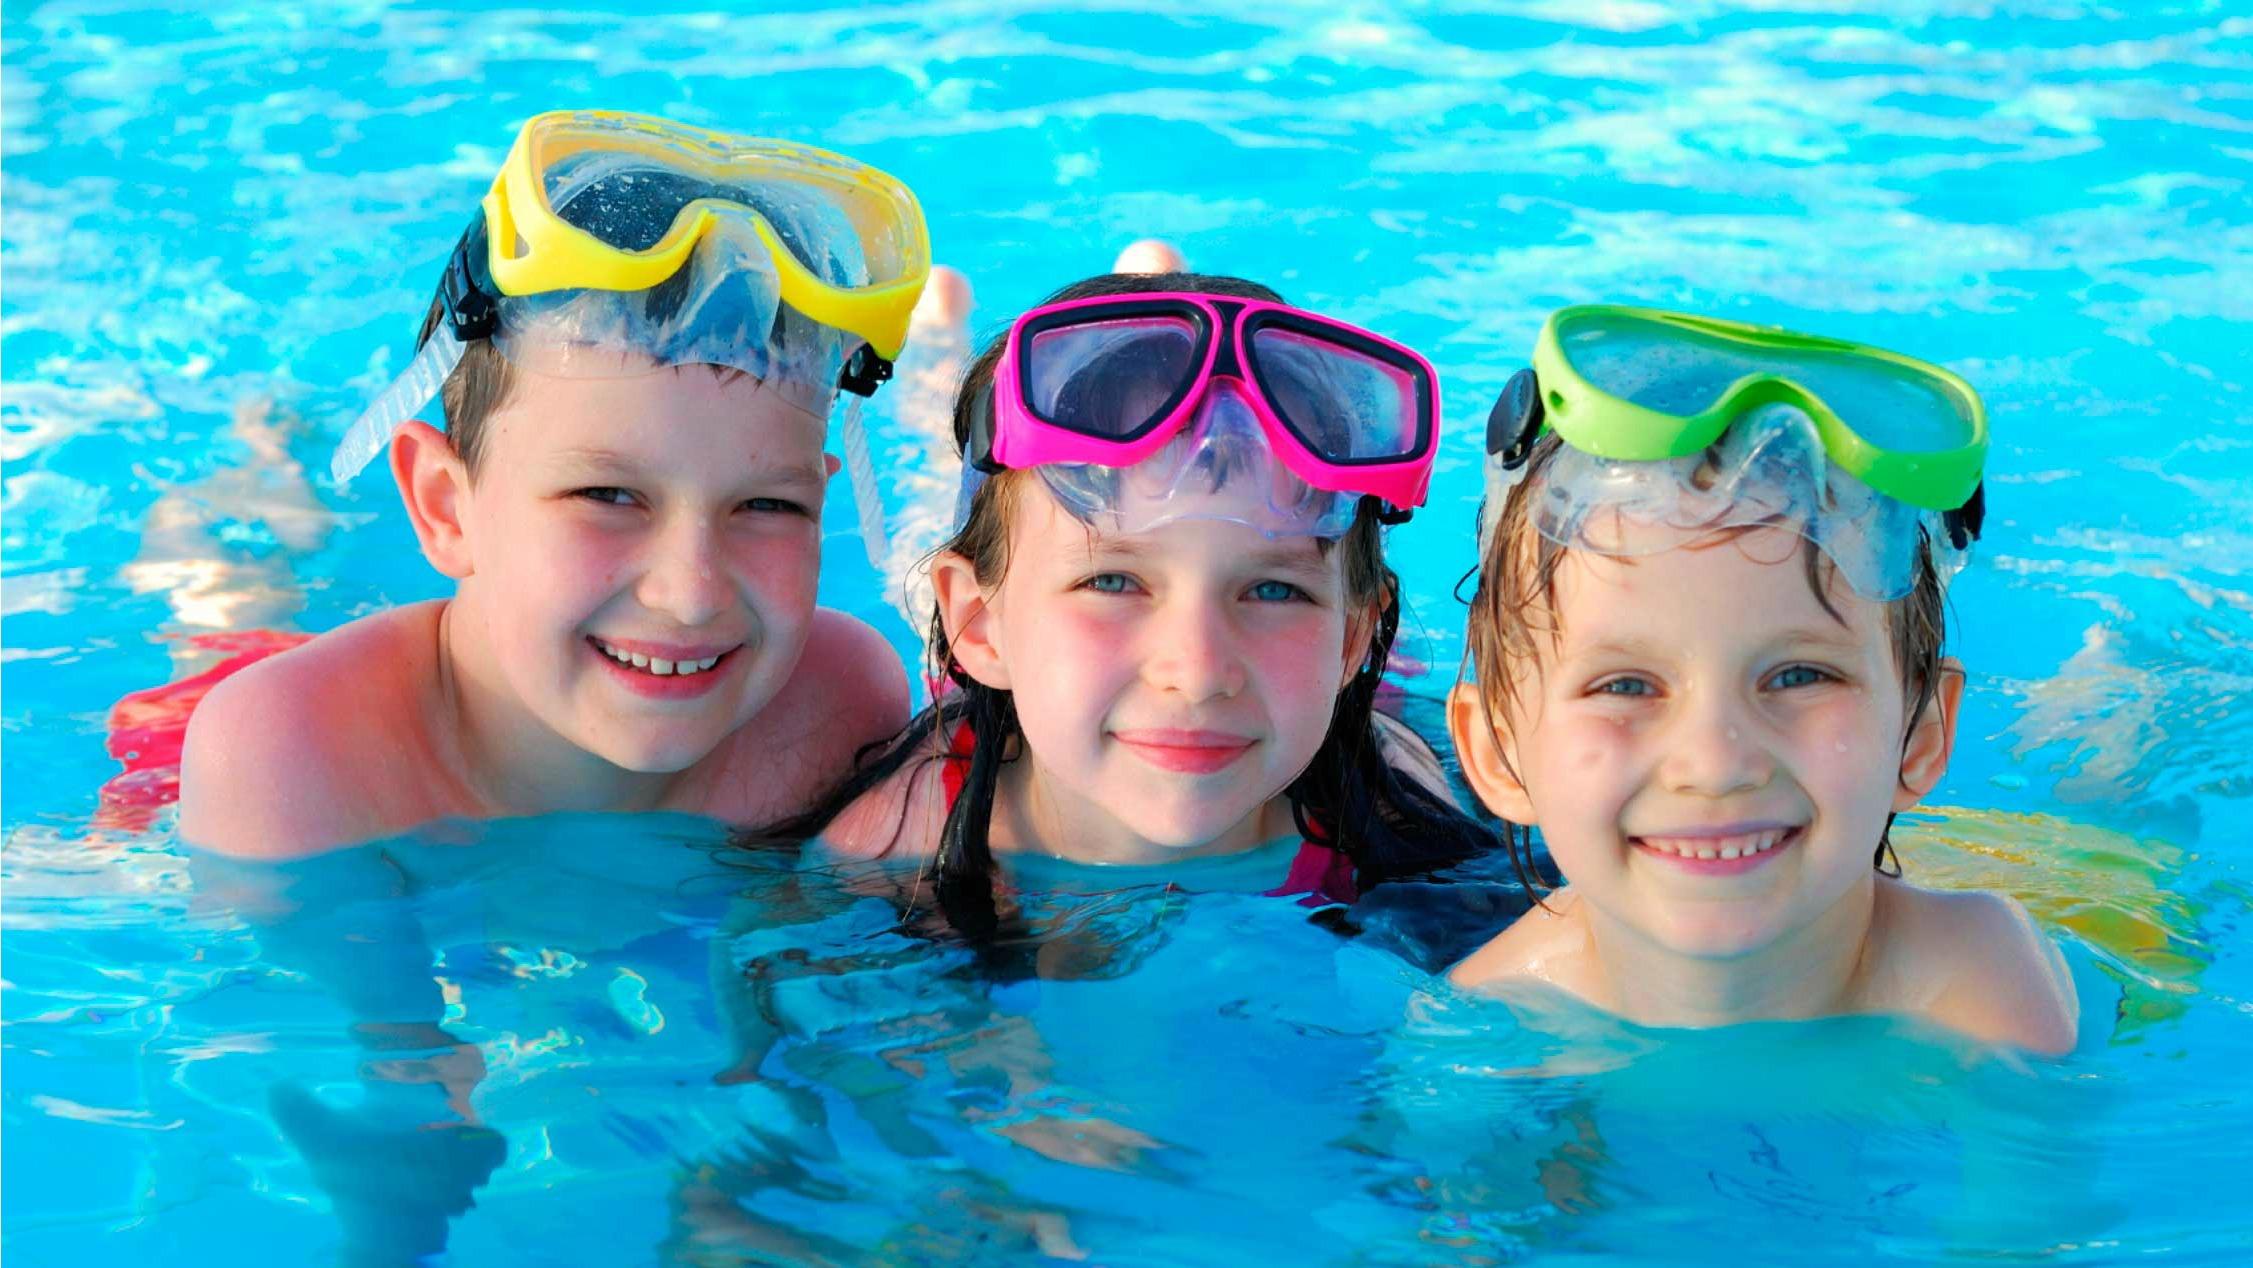 Kids Swimming - 16x9.jpg